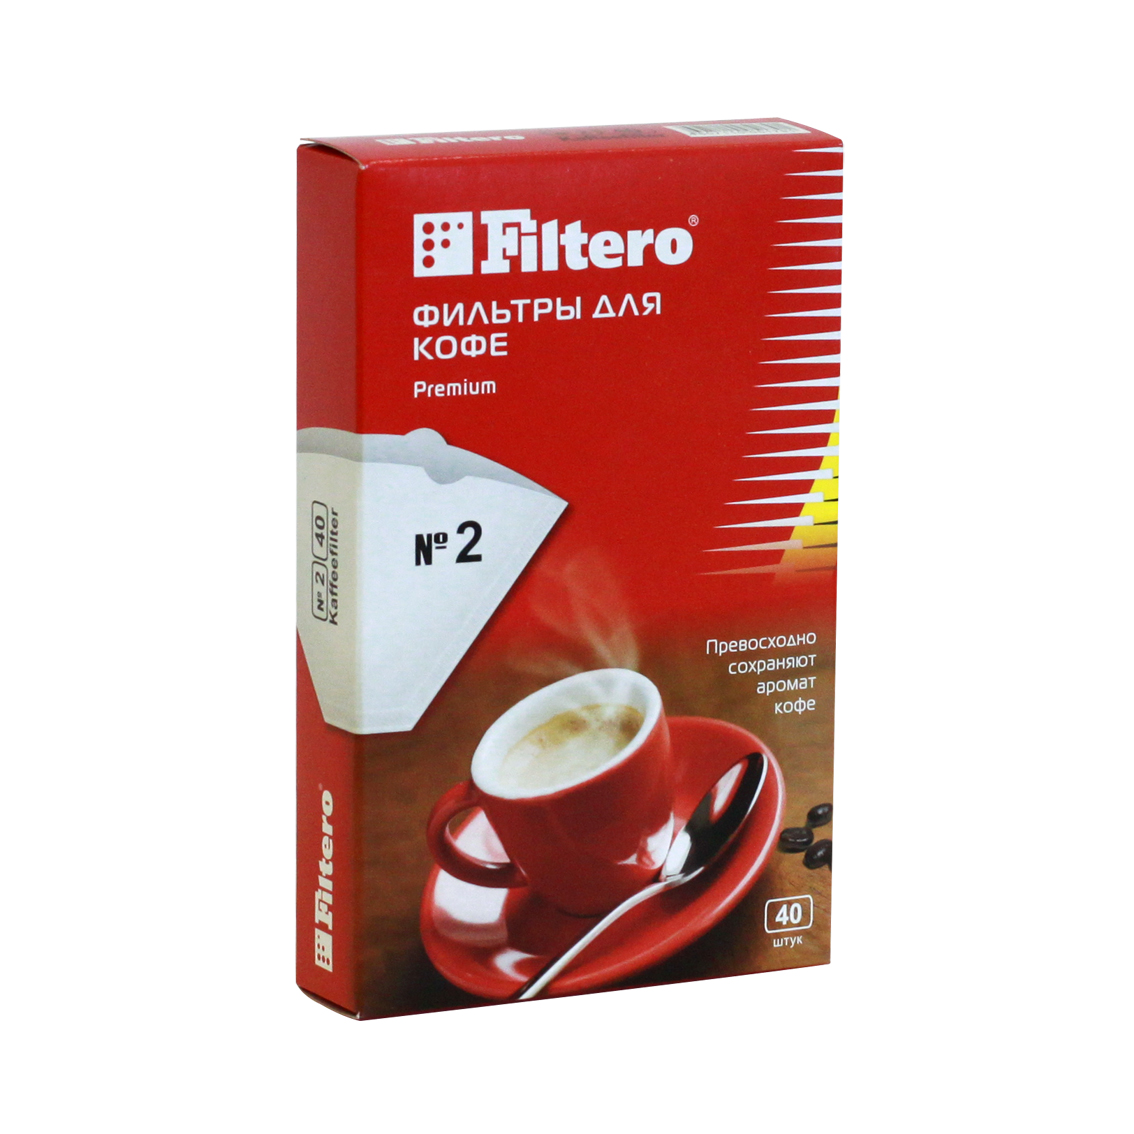 Фильтры для кофеварок Filtero Real Brand Technics 85.000